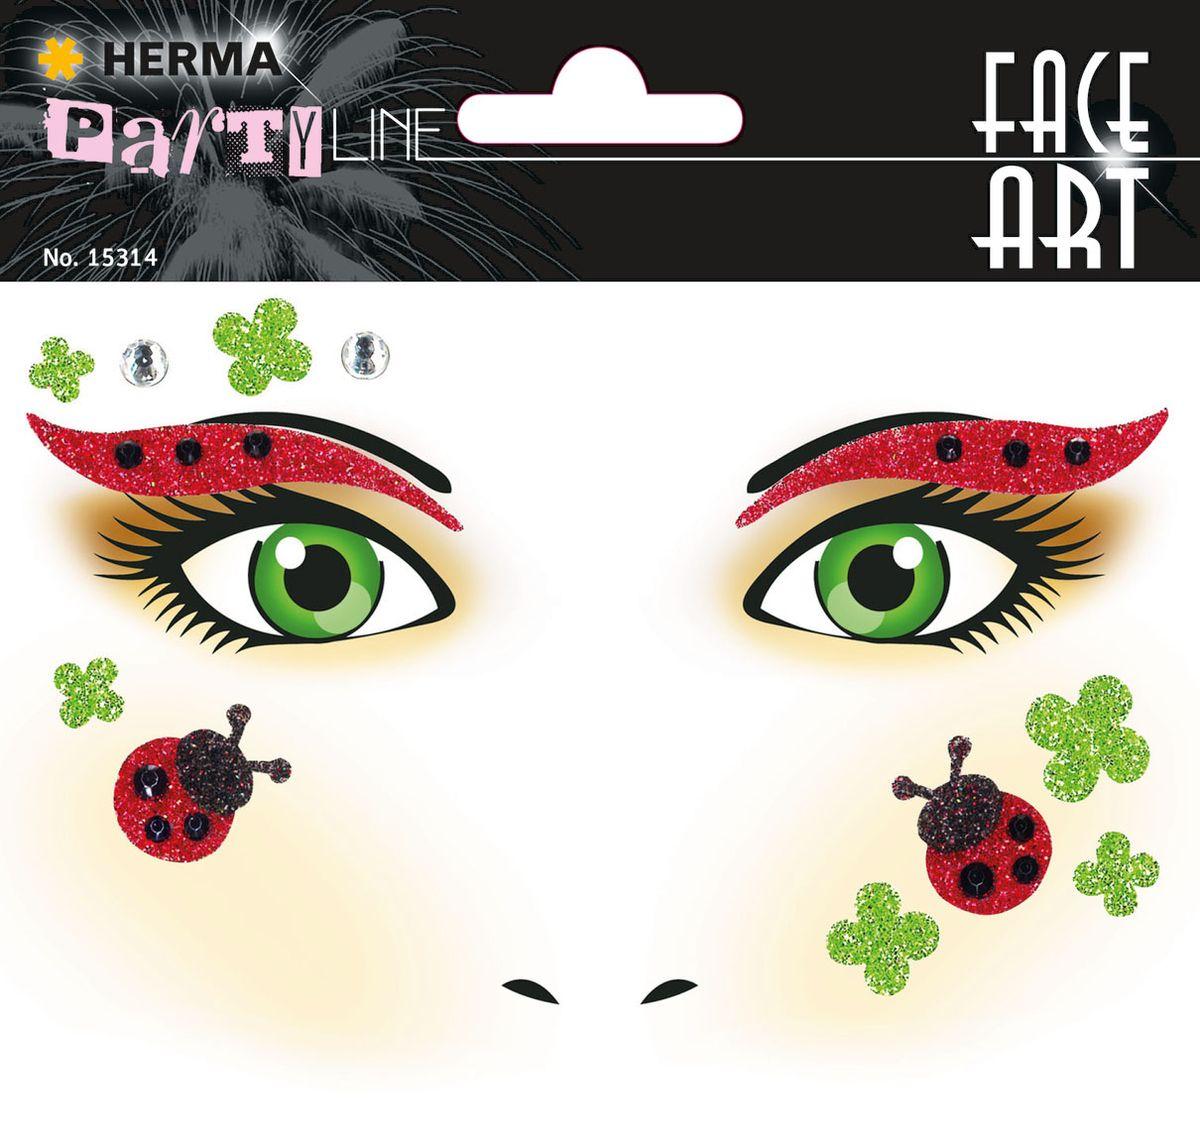 Herma Наклейки на лицо Face Art Glueckskaefer (Божья коровка)15314Face Art (фэйсарт) – это новое направления творчества и искусства. В последнее время фэйсарт стал достаточно популярным и востребованным направлением творчества. Что такое - фэйс арт, это искусство рисования разноцветными красками на лице. Face Art decor от Herma - это серия наклеек для фэйс арта с наиболее популярными мотивами. Face Art decor от Herma - это гламурно, стильно и ярко! Наклейки прошли дерматологические испытания. Инструкция: 1. Аккуратно снимите наклейку и наклейте на лицо. 2. Можно завершить образ с помощью макияжа. 3. Наклейка легко снимается, аккуратно удалите наклейку с лица и умойте лицо водой. 4. Не подходит для чувствительной кожи.